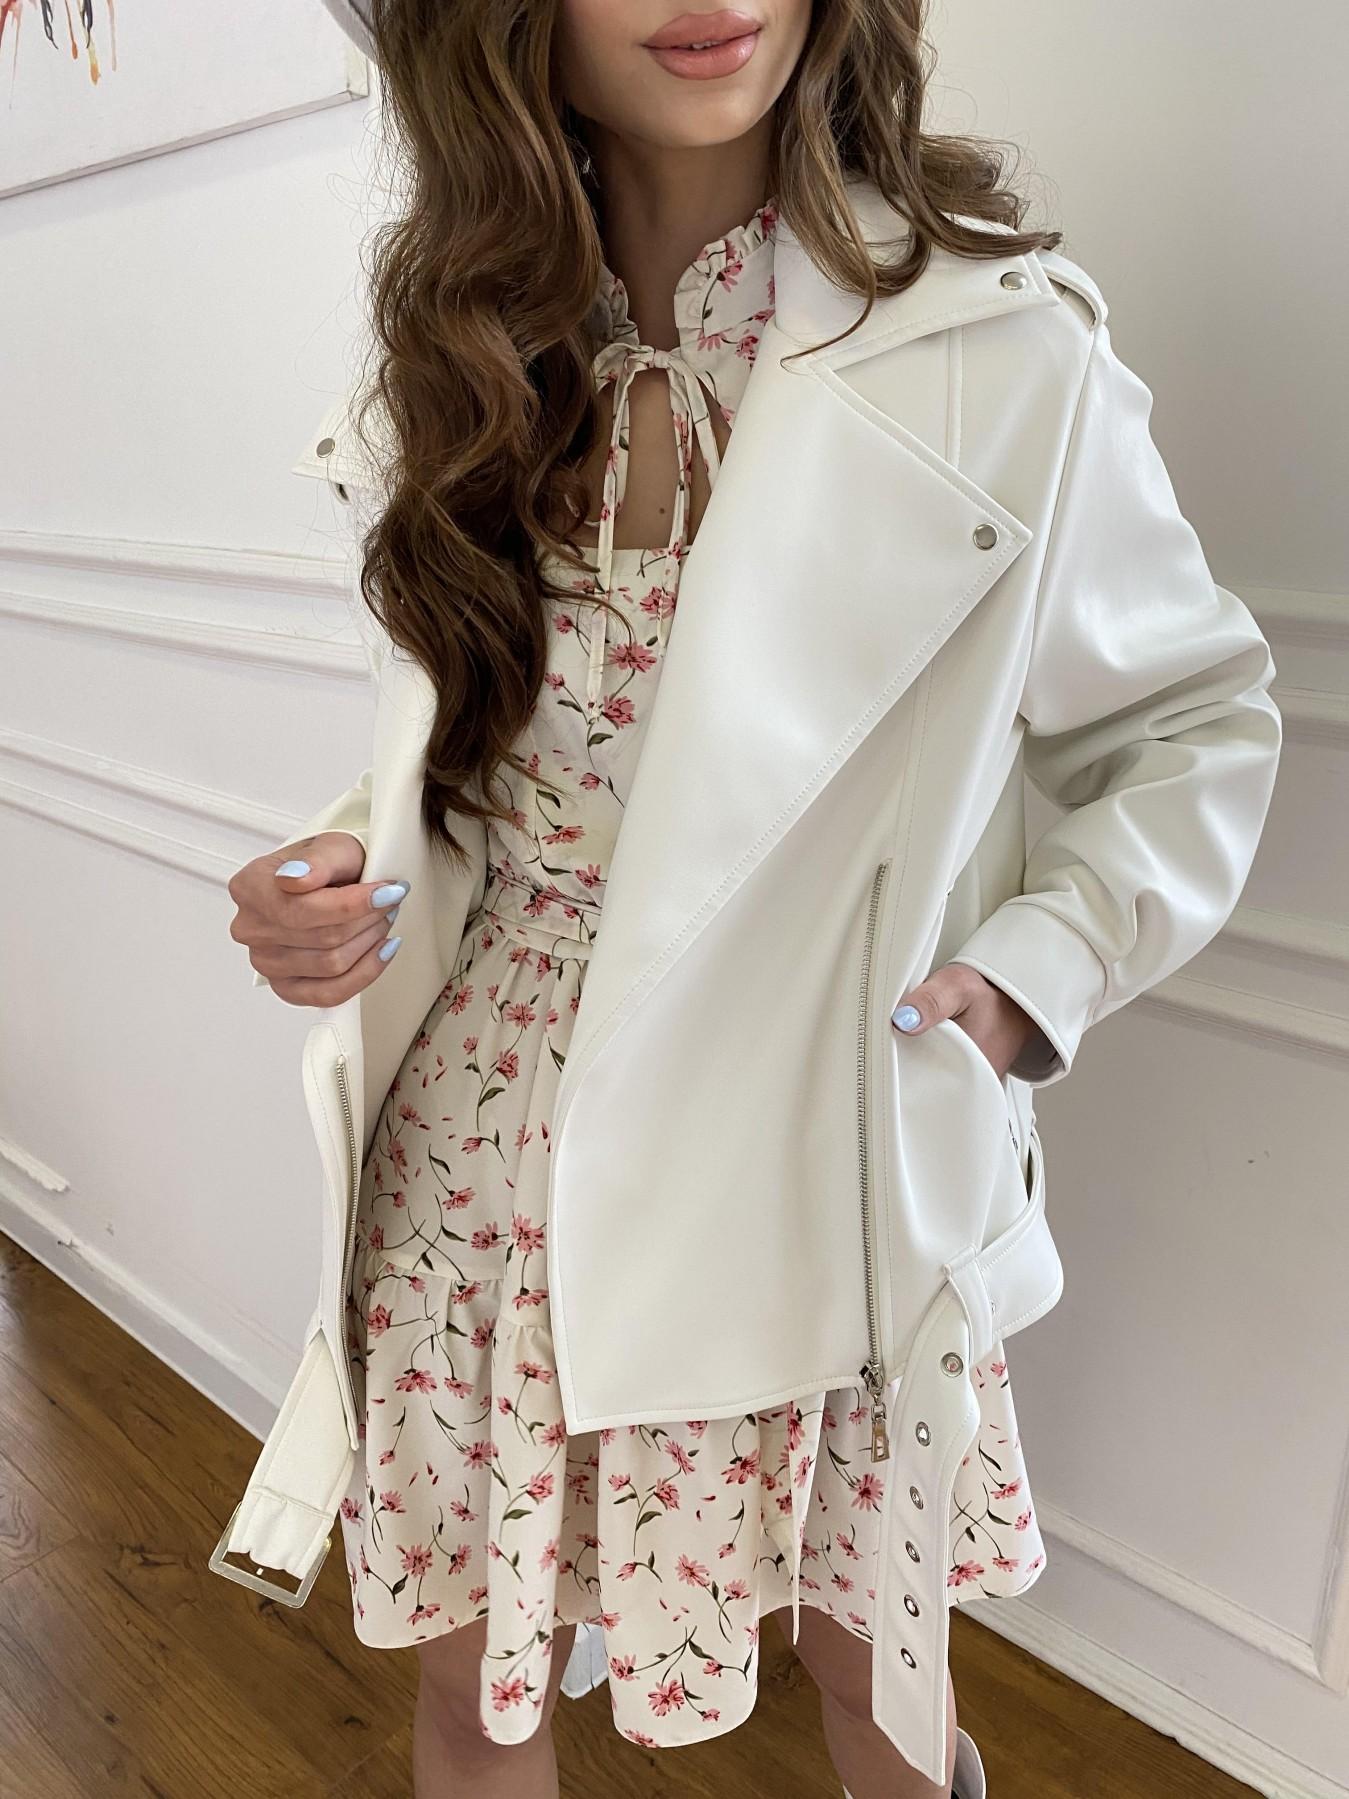 Фора куртка из экокожи прокатанная 11204 АРТ. 47716 Цвет: Молоко - фото 5, интернет магазин tm-modus.ru